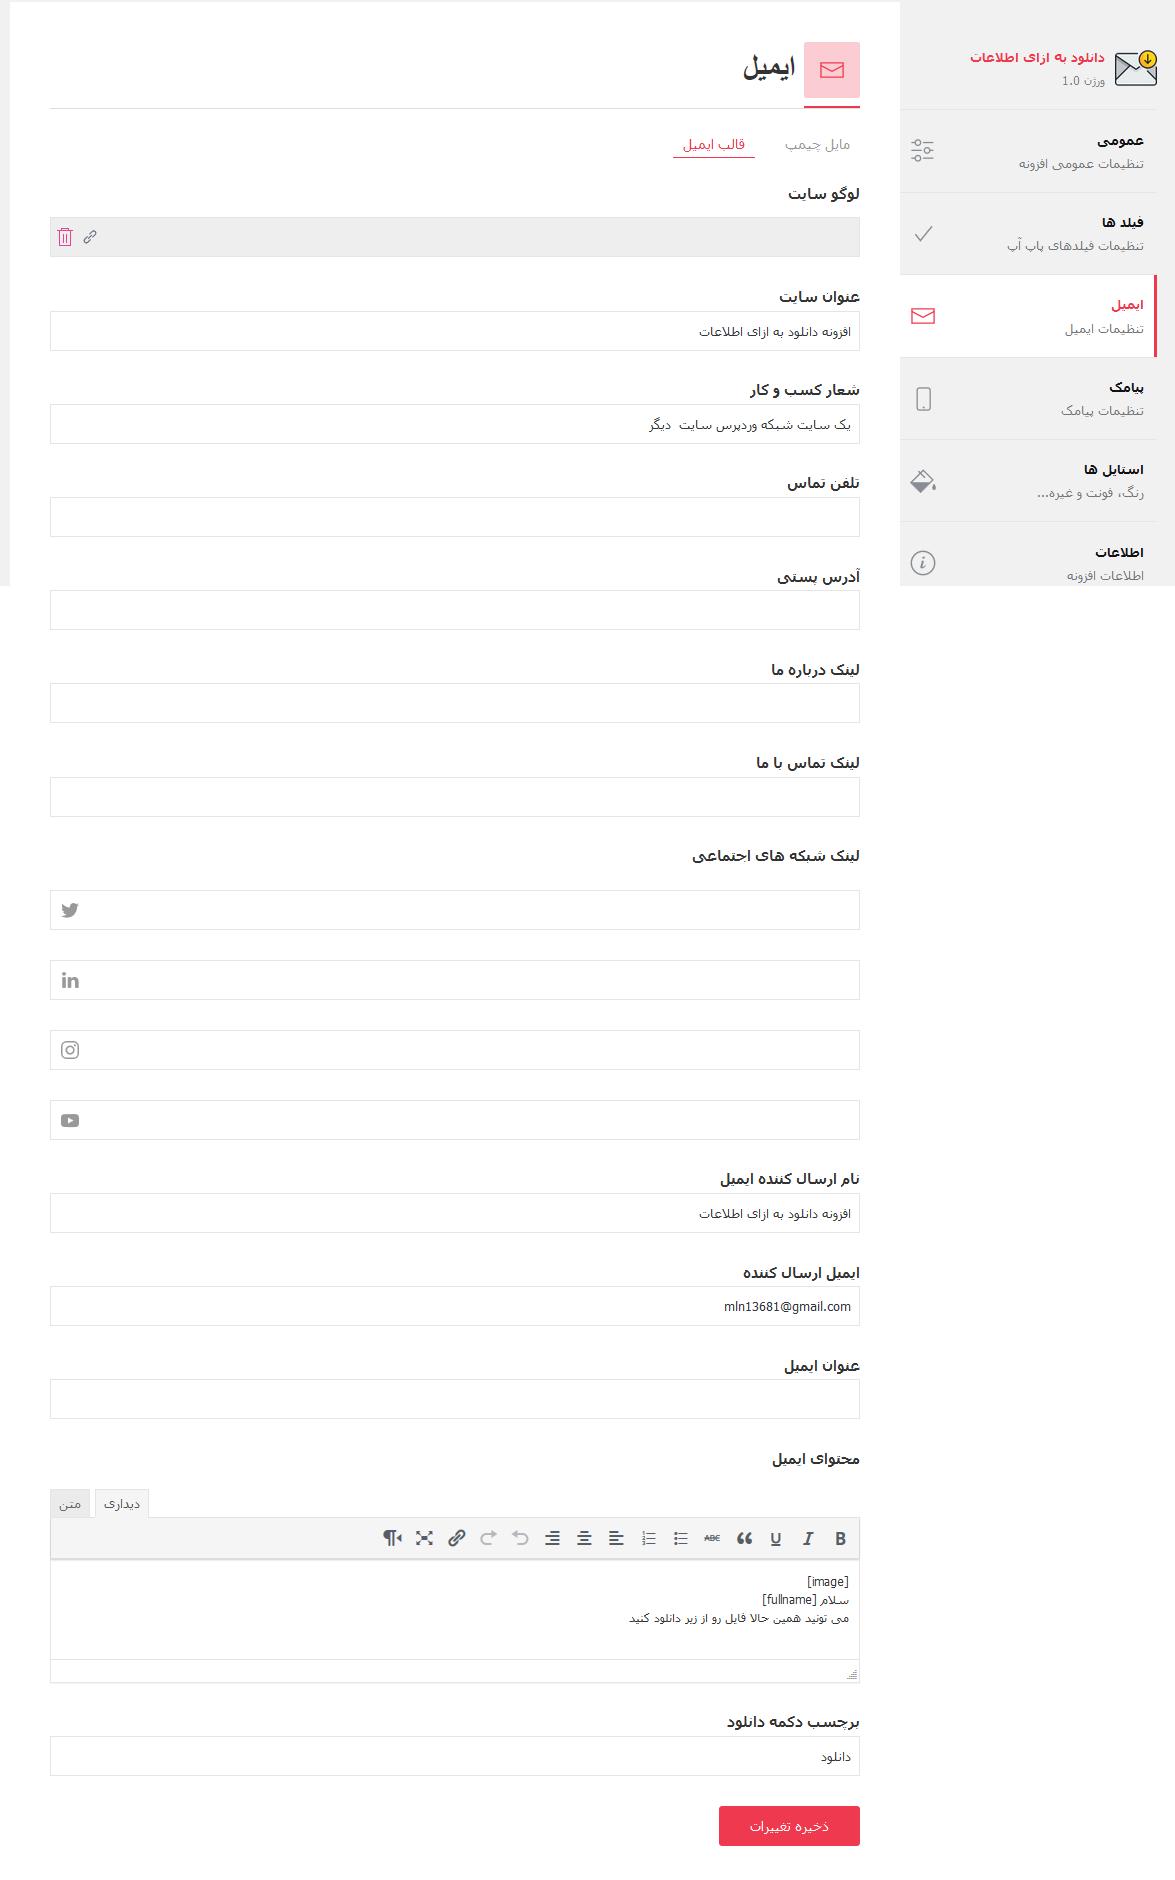 تنظیمات ایمیل در افزونه ایمیل مارکتینگ برای وردپرس ، ادامه تنظیمات ایمیل